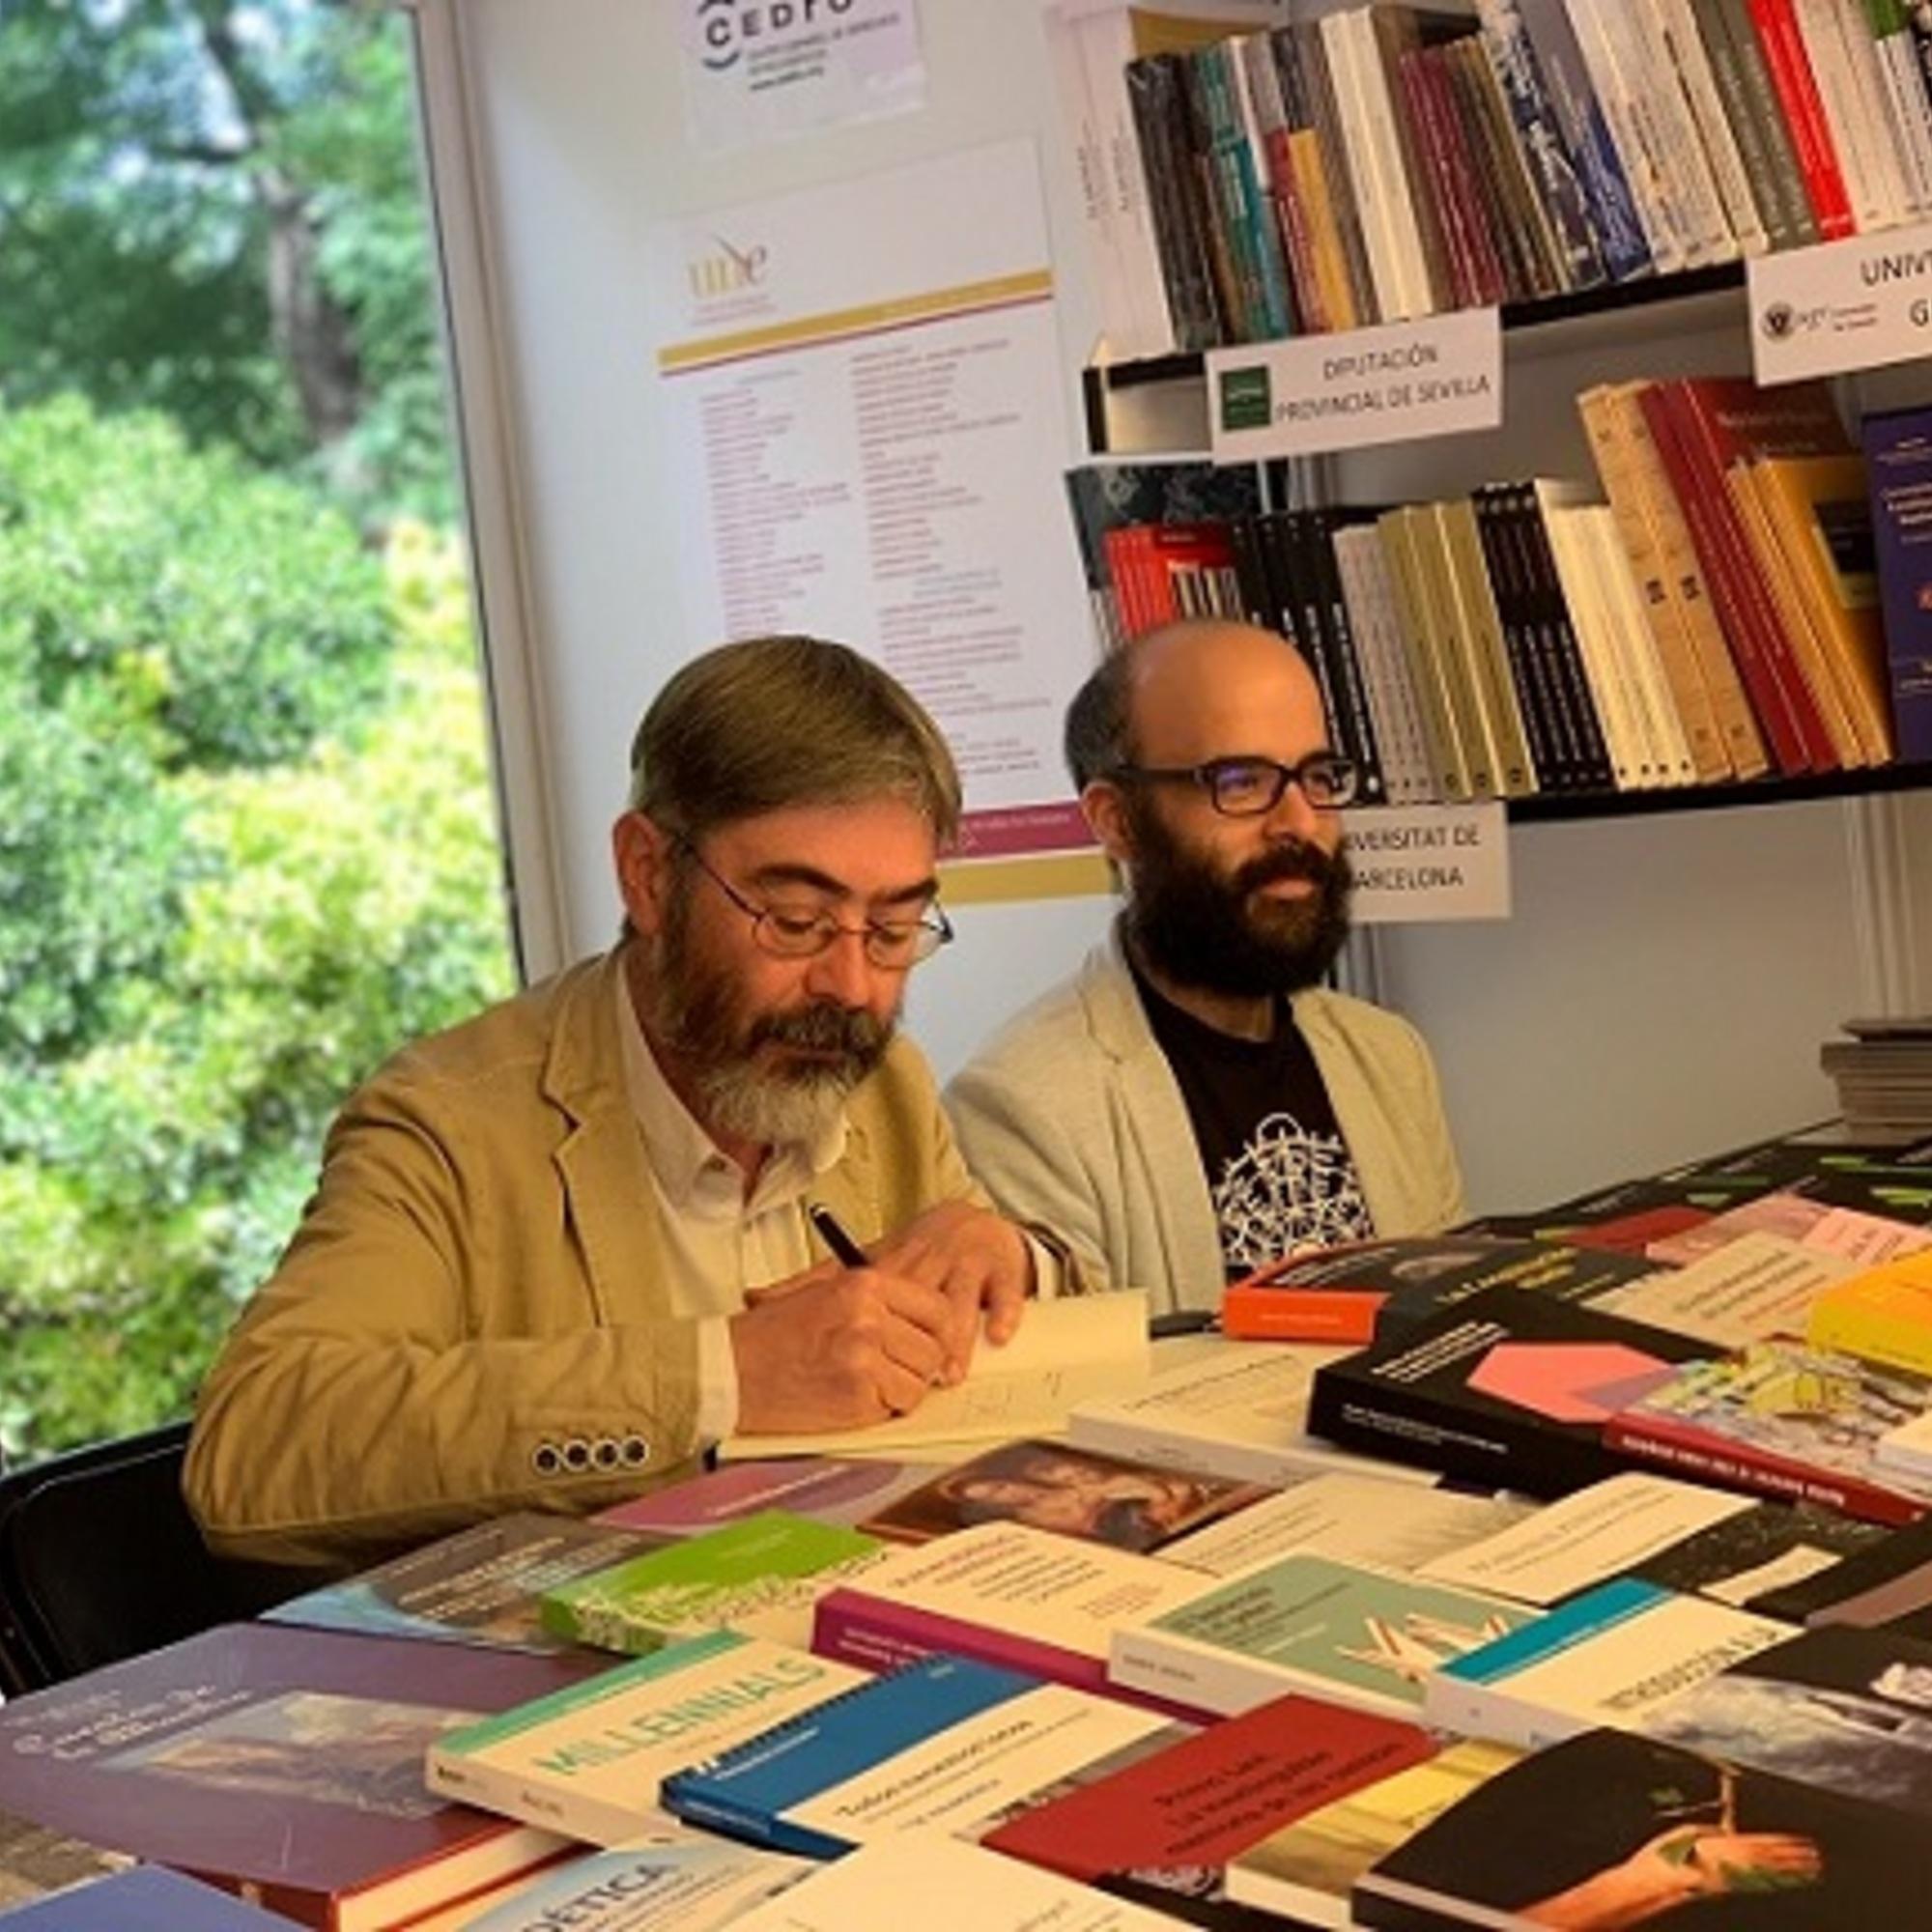 Feria del Libro 2019. Madrid. Firmando